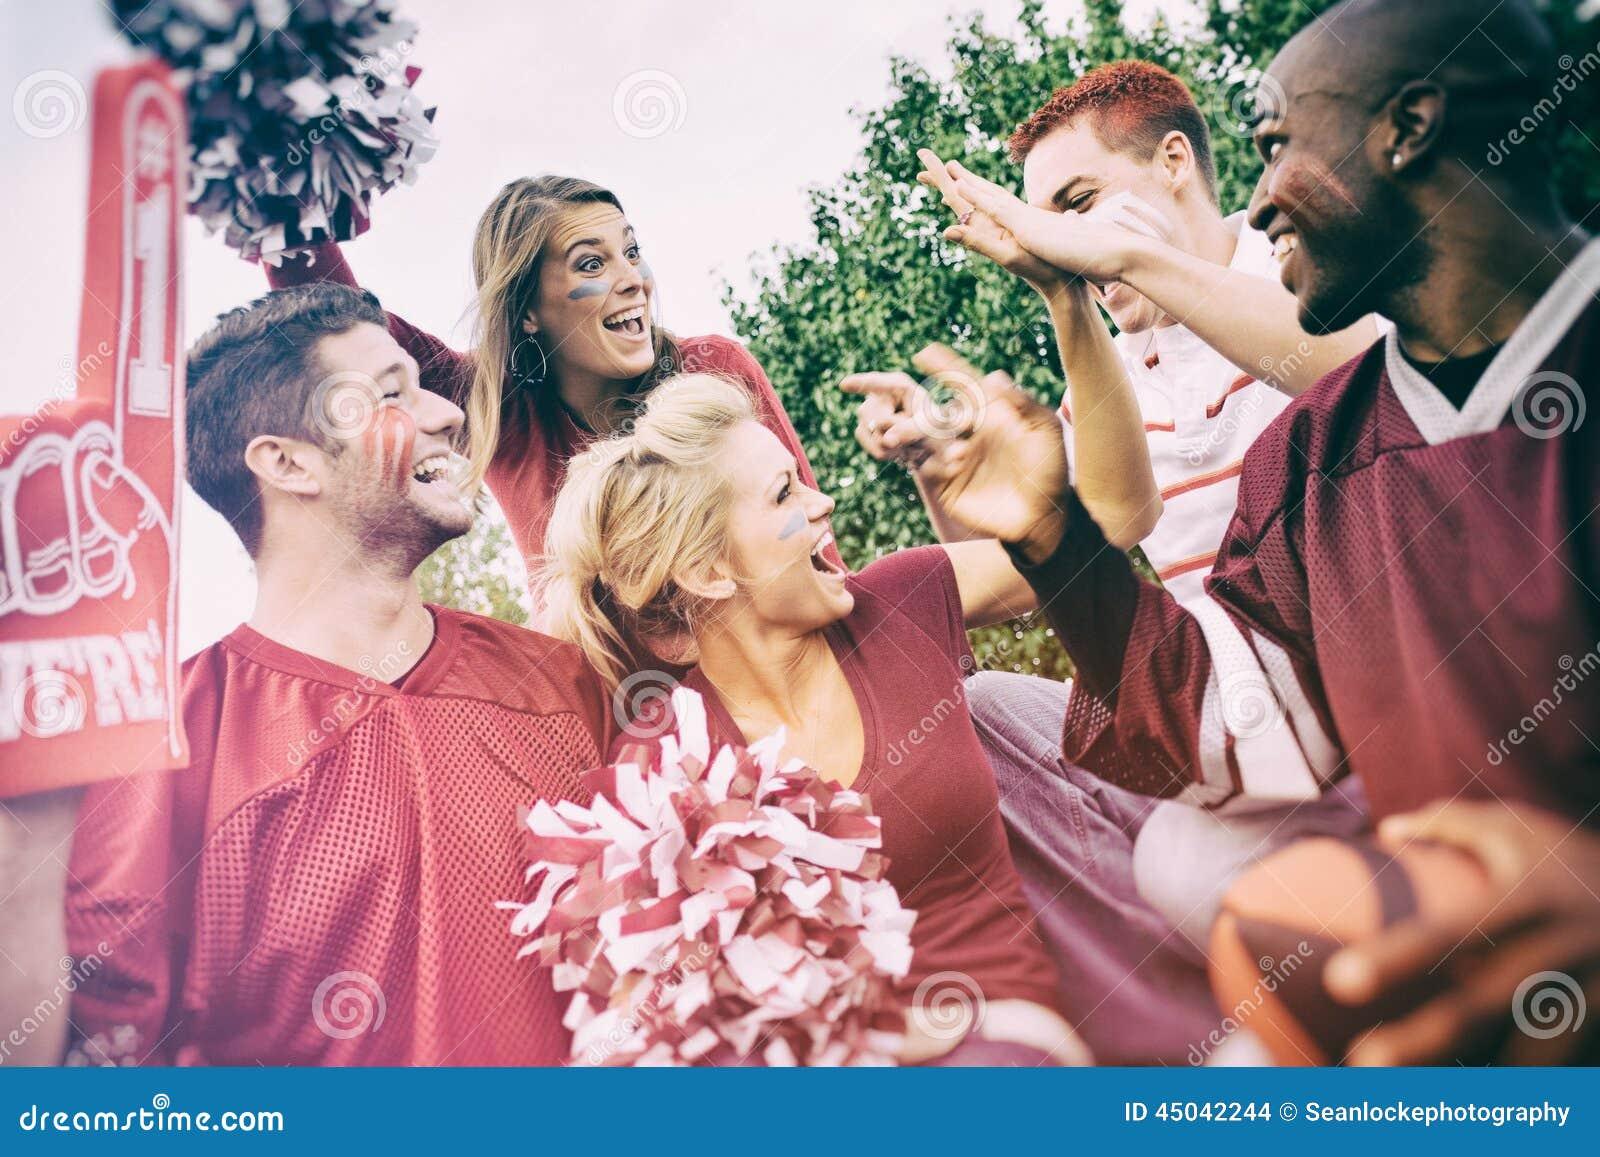 尾板:小组为橄榄球赛激发的大学生